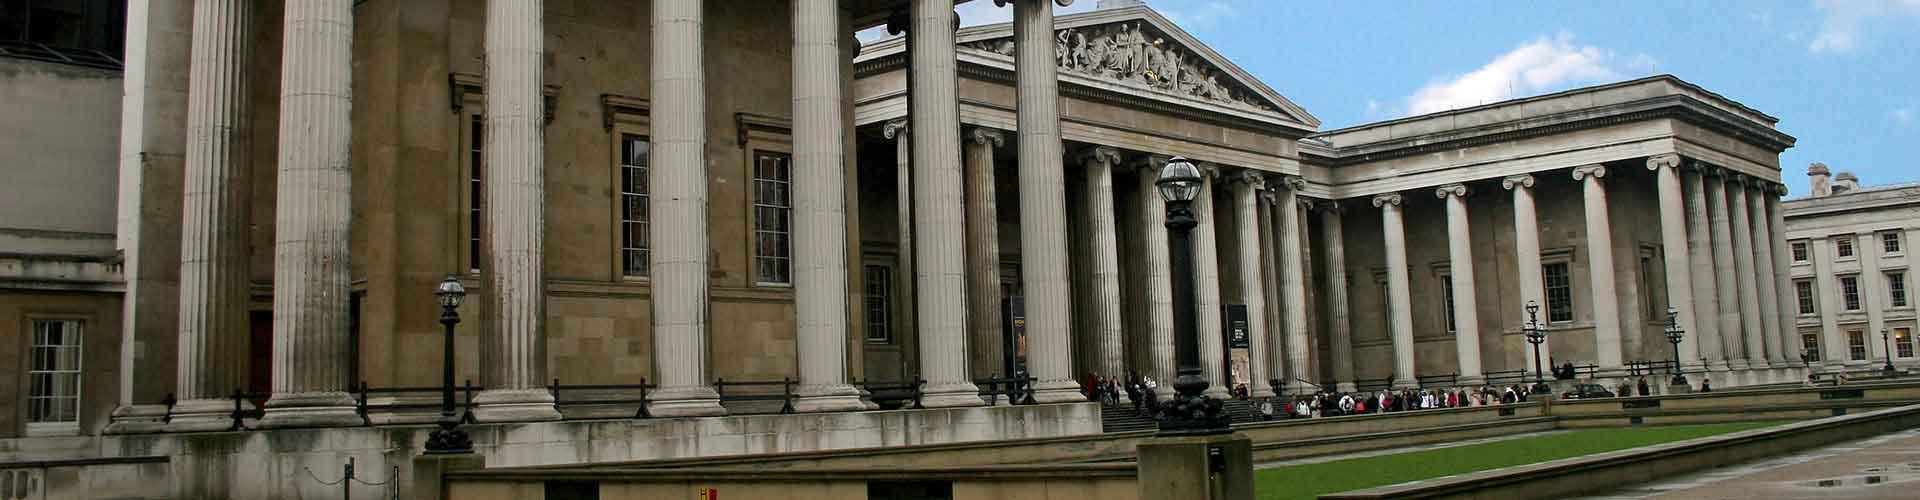 런던 - 대영 박물관와 가까운 호스텔. 런던의 지도, 런던에 위치한 호스텔 사진 및 후기 정보.